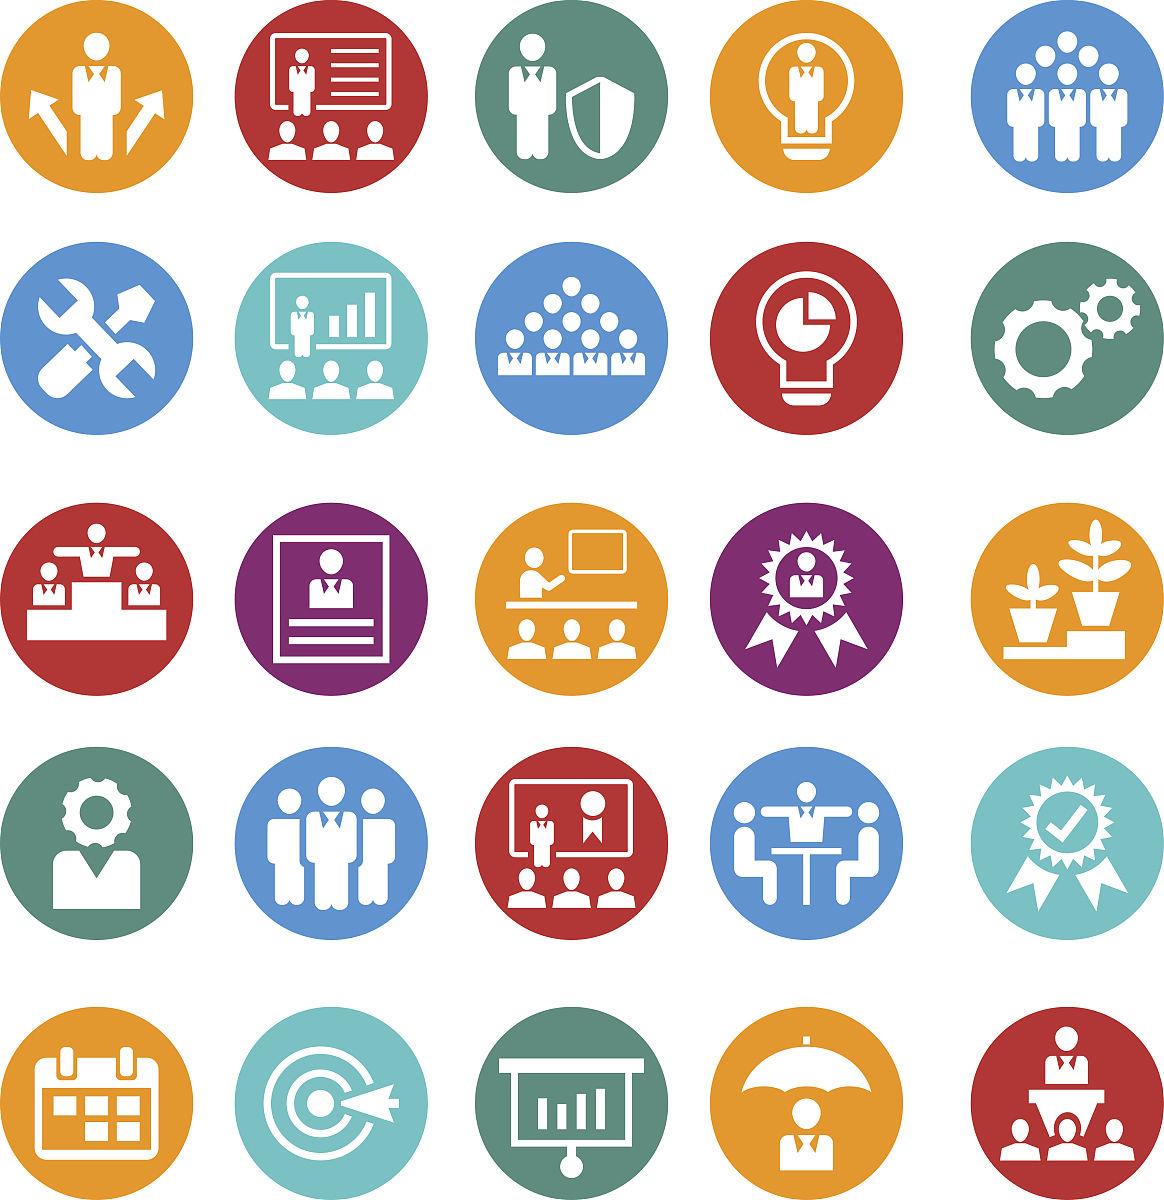 业务和管理图标集图片